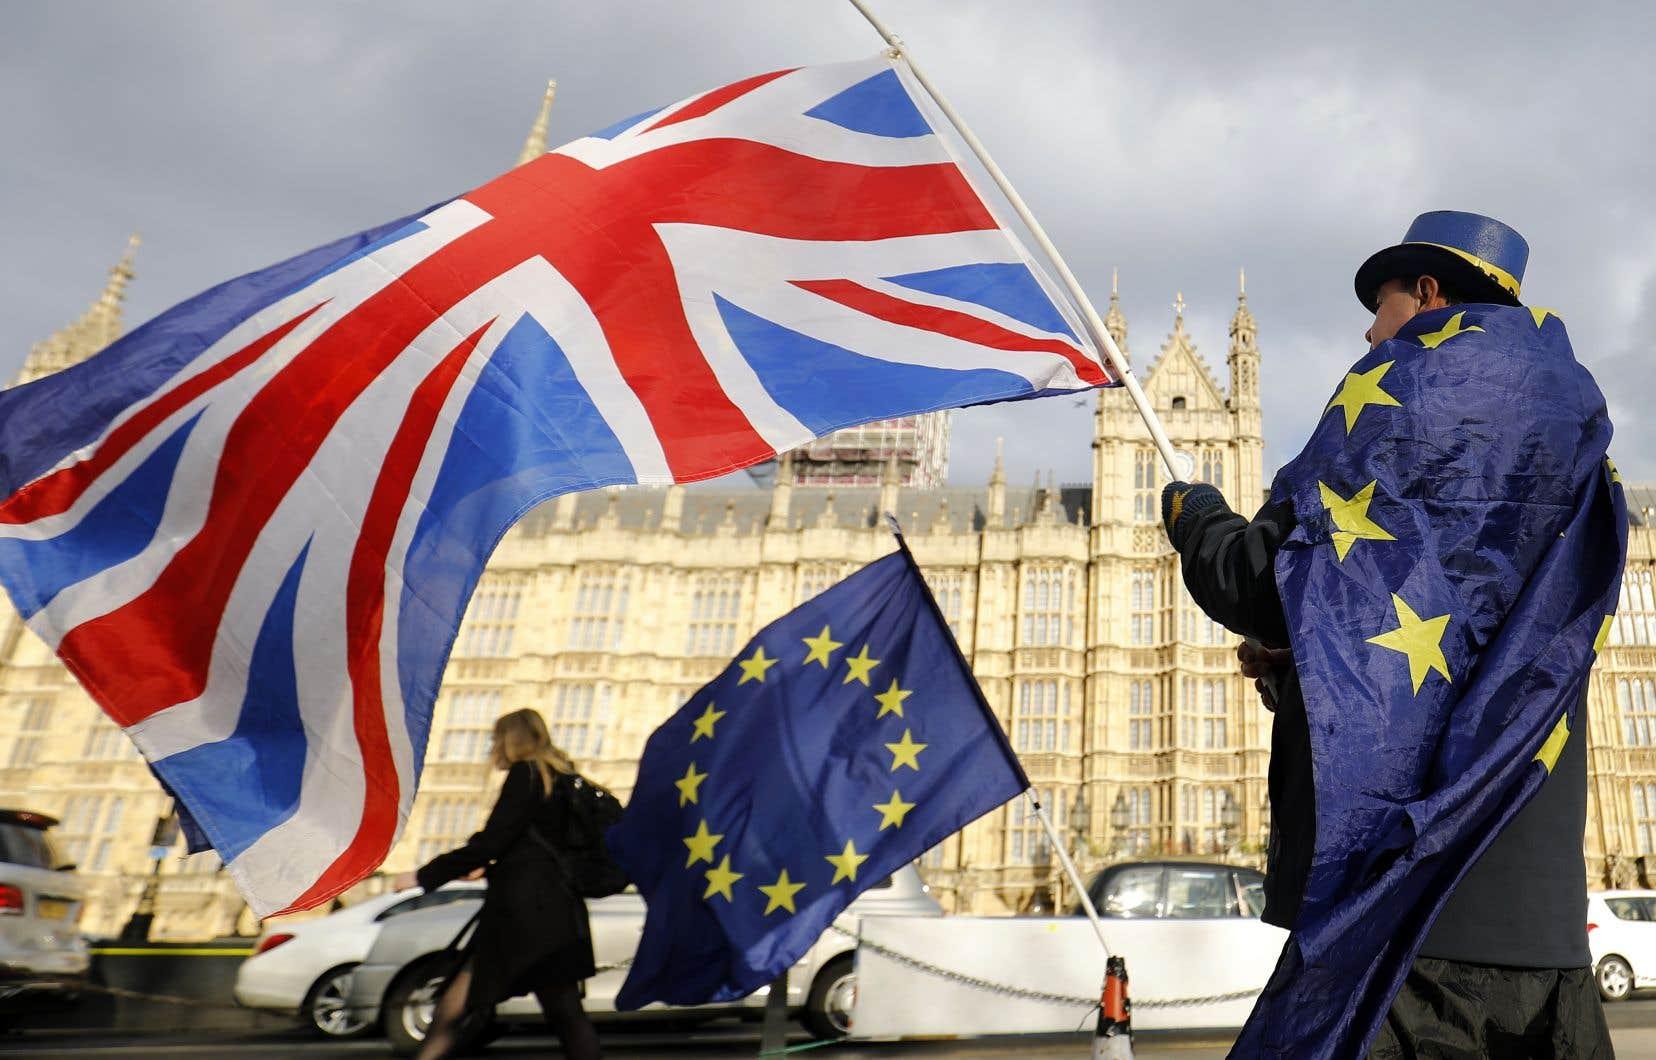 À moins d'un an de son entrée en vigueur, les manisfestations anti-Brexit se multiplient en Angleterre.